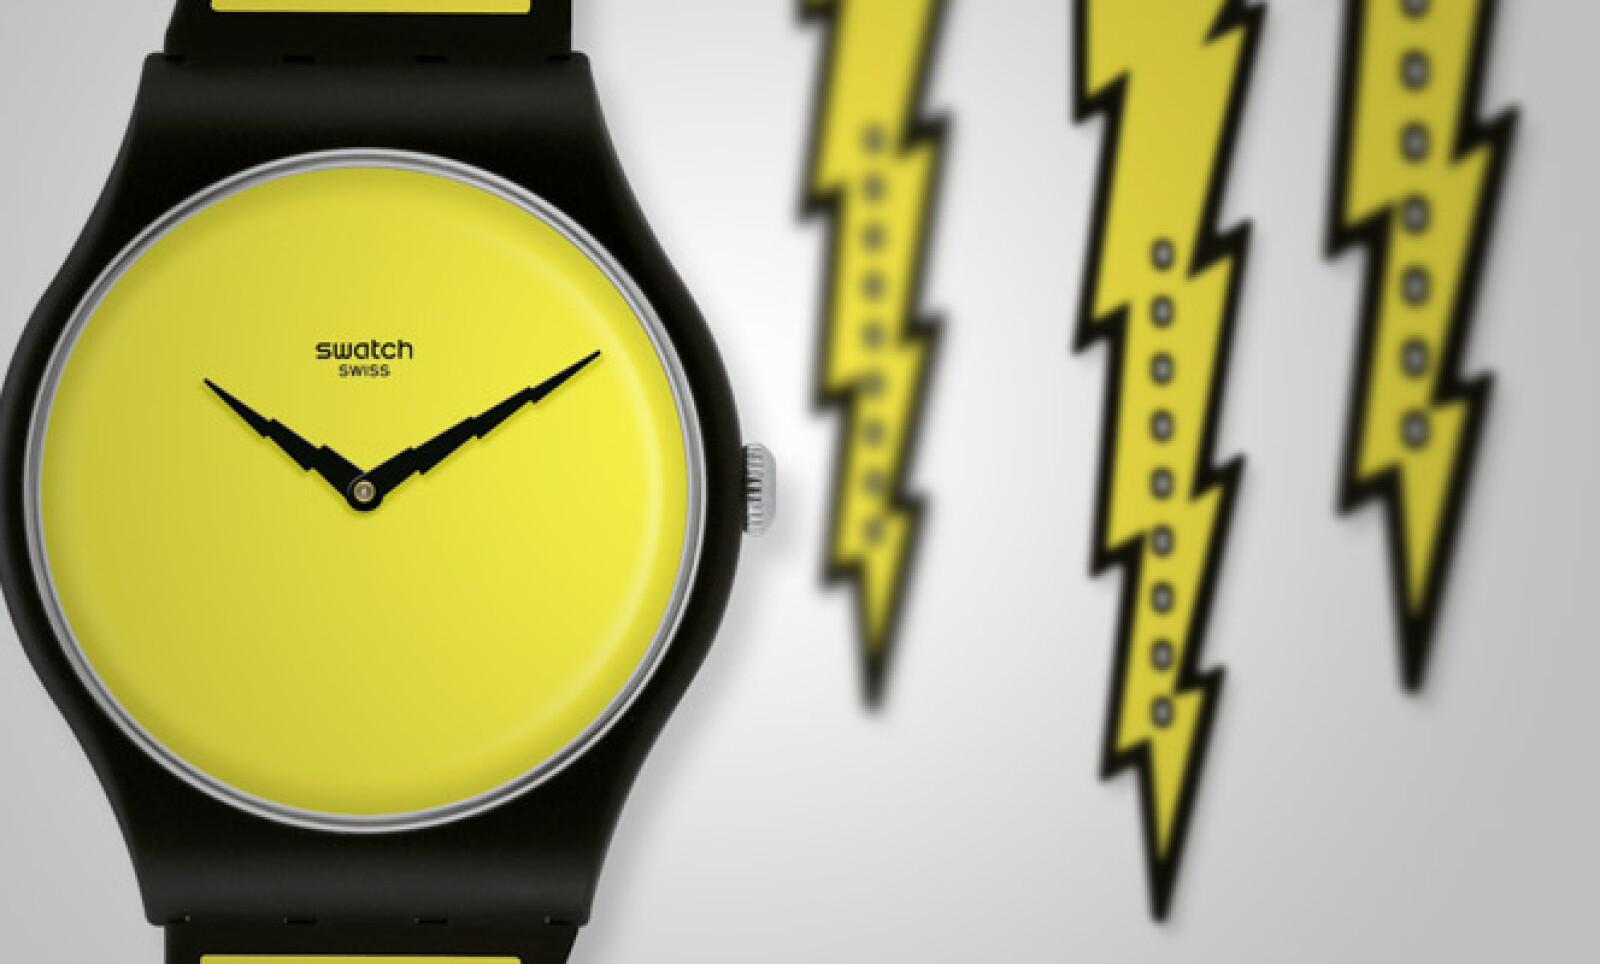 Esta segunda pieza tiene estilo de cómic y fue creada también por Scott. Lleva por nombre 'Lightning Swatch'.